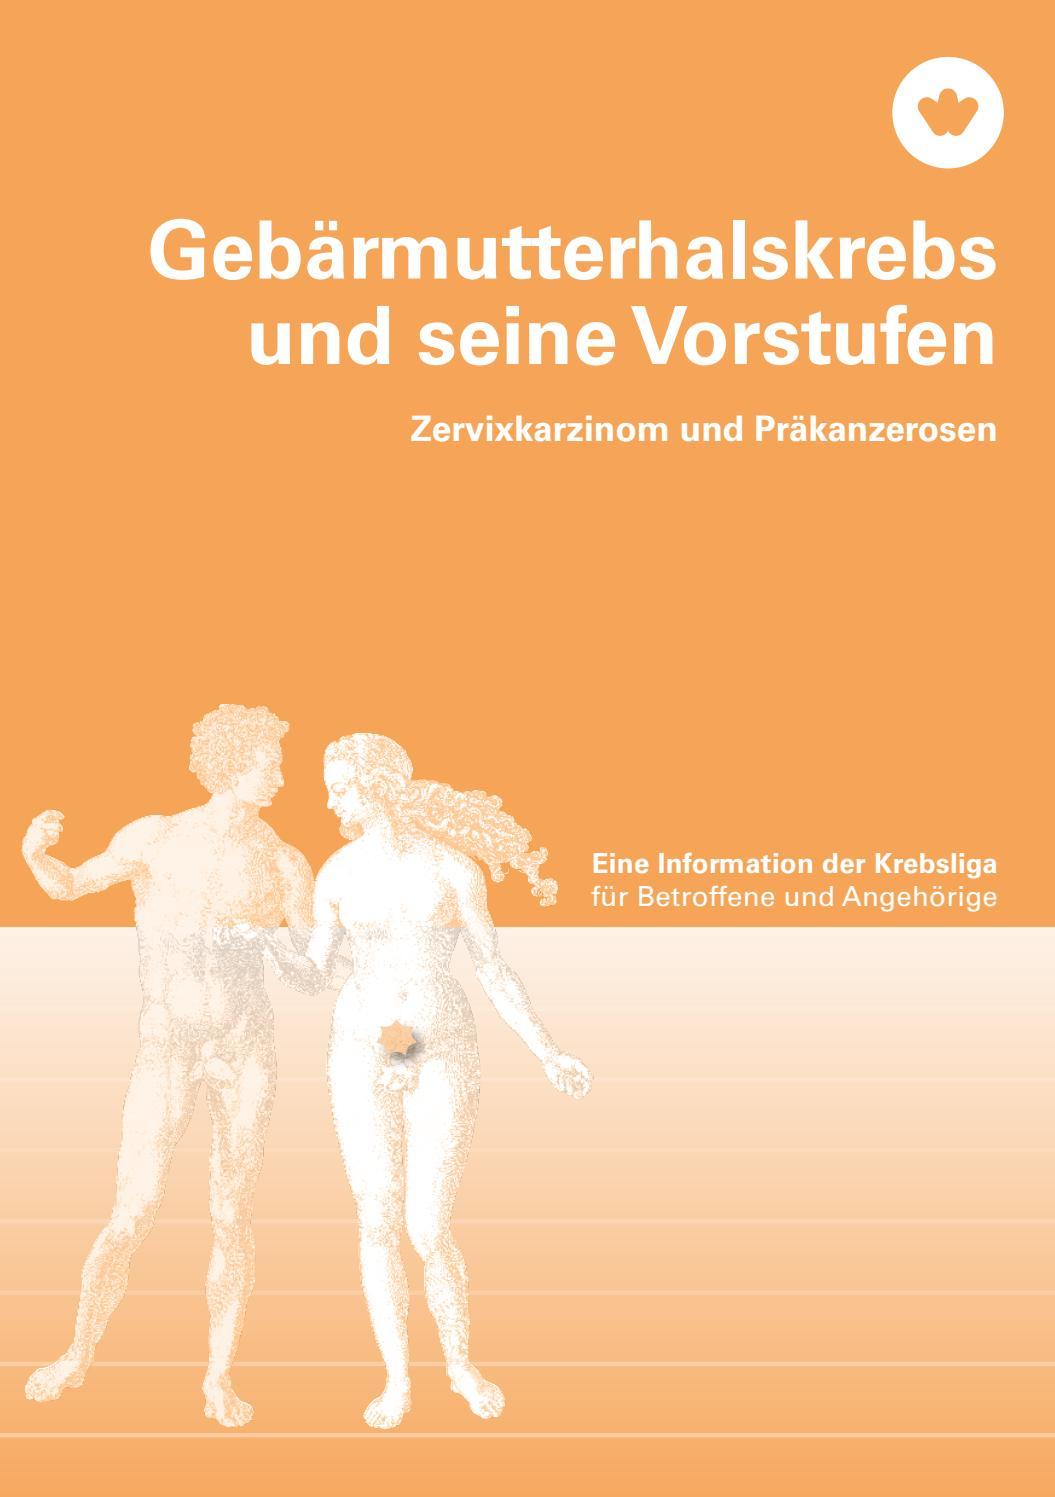 Gebärmutterhalskrebs und seine Vorstufen by Krebsliga Schweiz - issuu